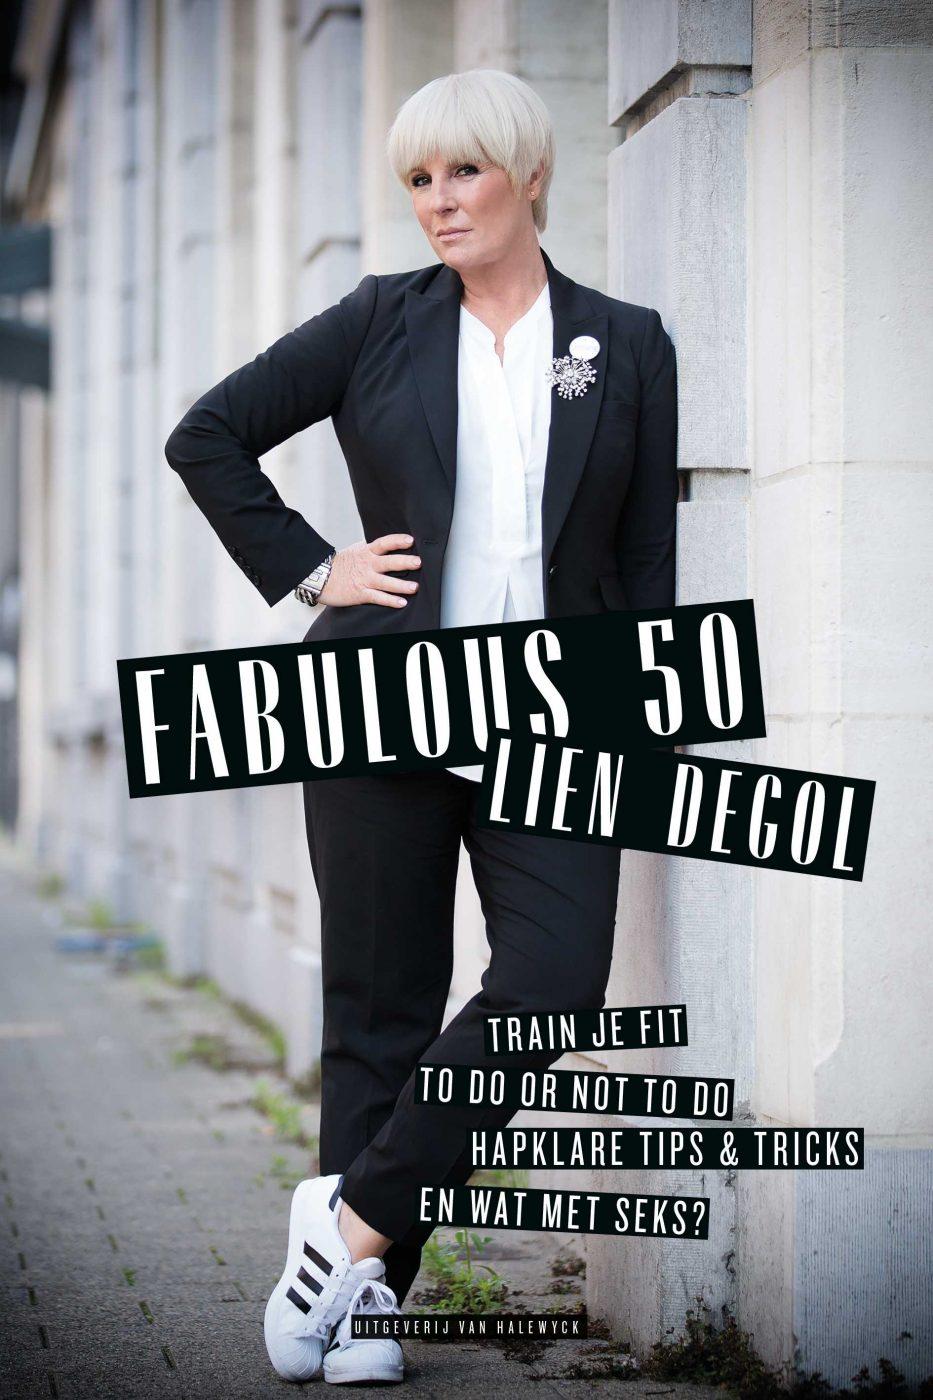 Lien Degol Fabulous 50